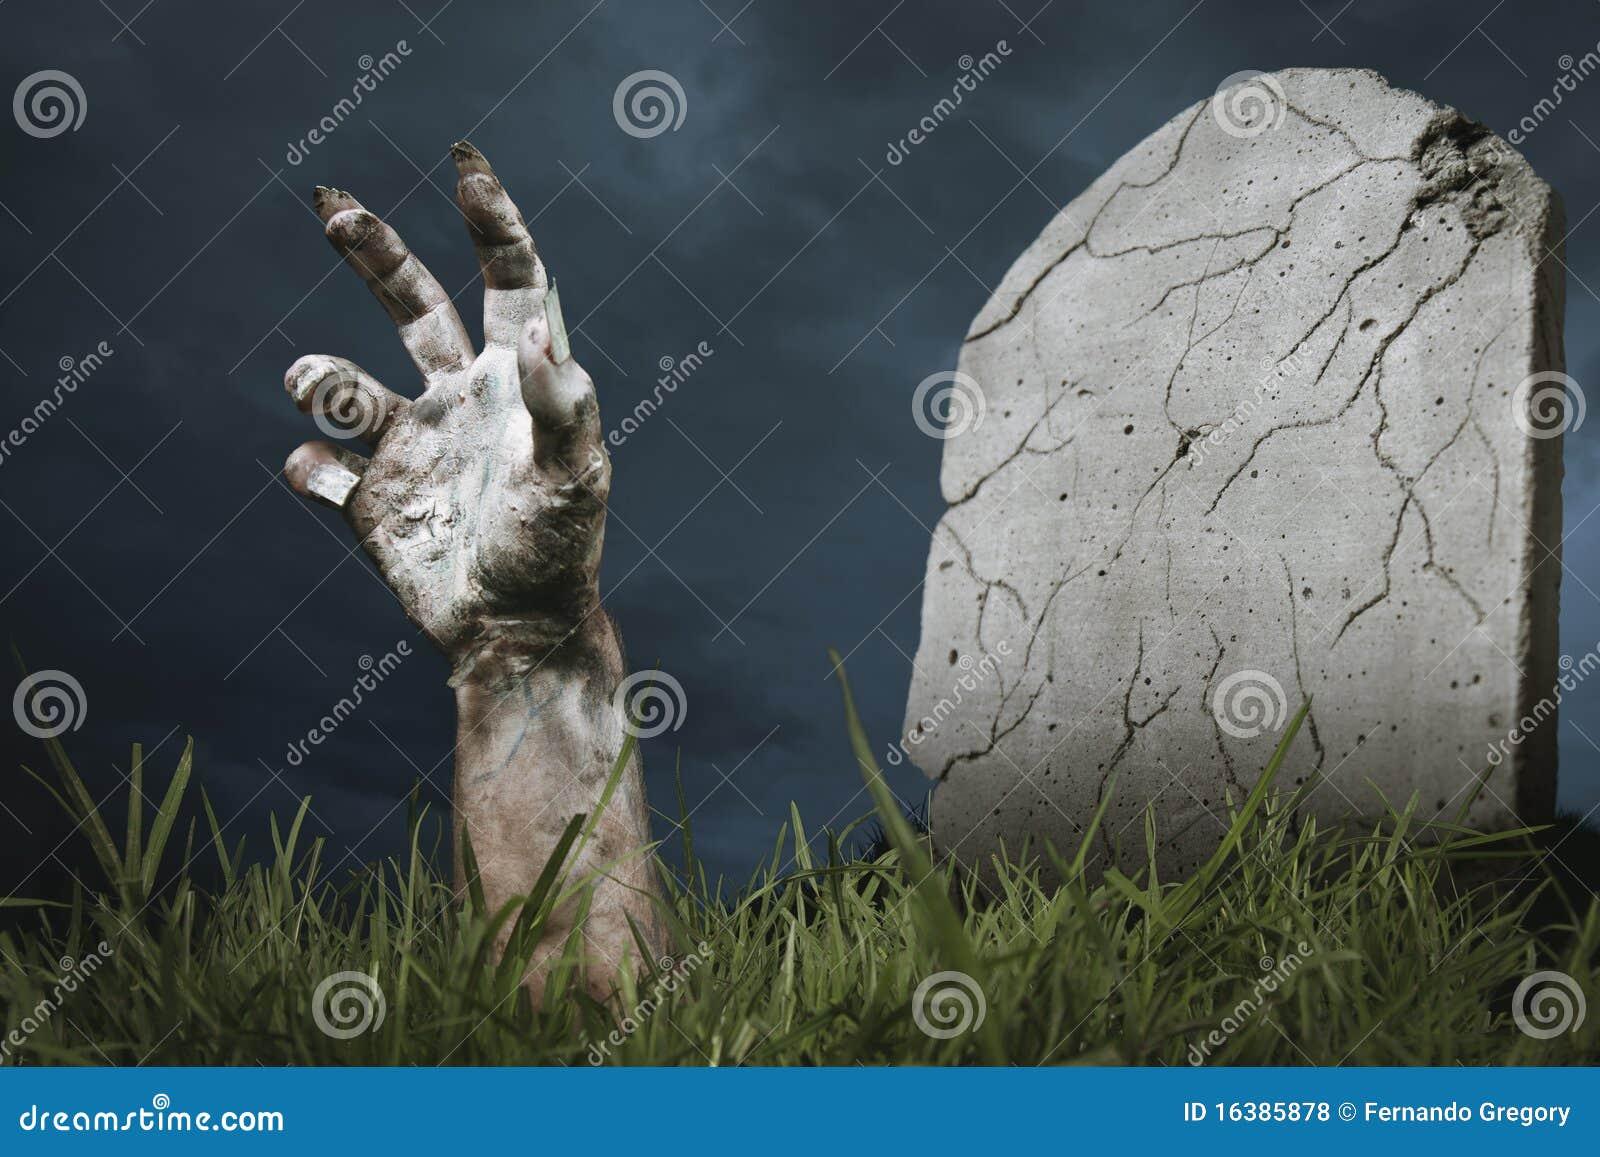 mano-del-zombi-que-sale-de-la-tierra-16385878.jpg